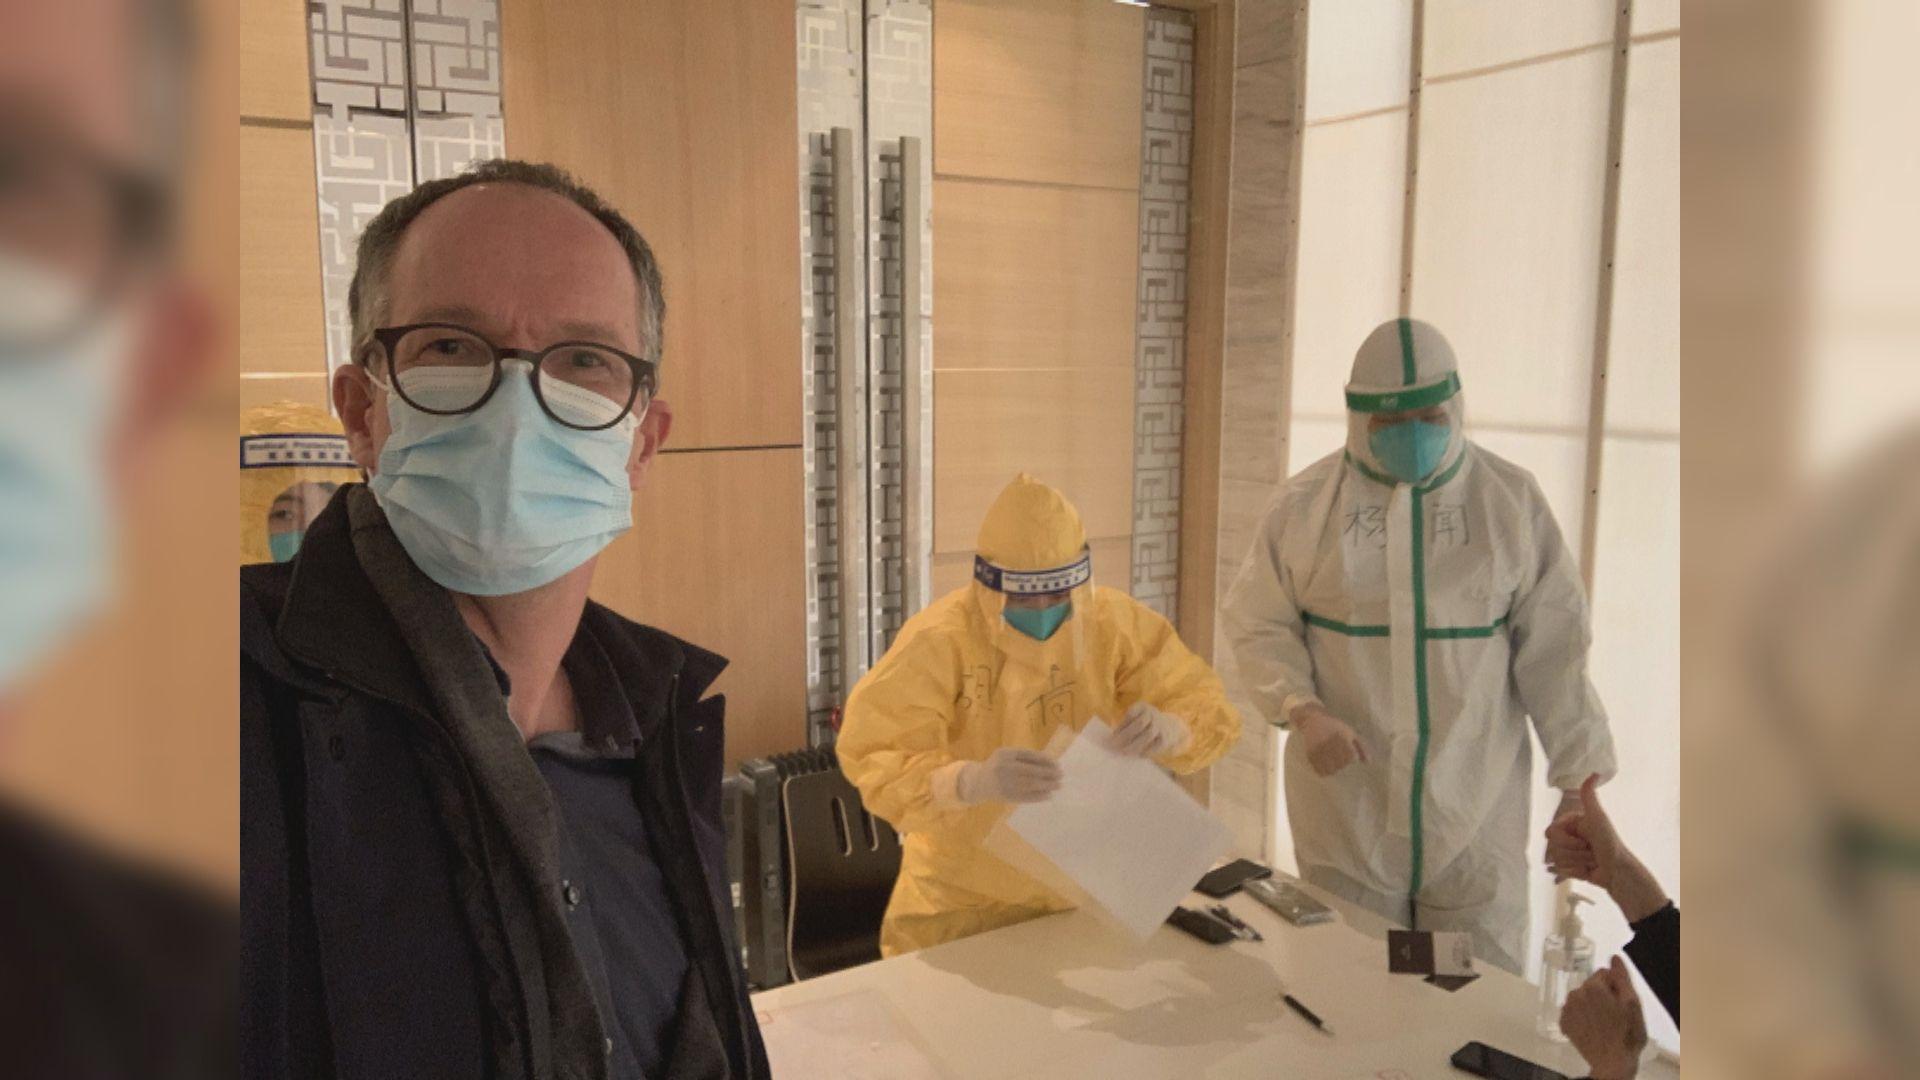 世衛專家組在華開展病毒溯源工作 籲外界耐心等候結果